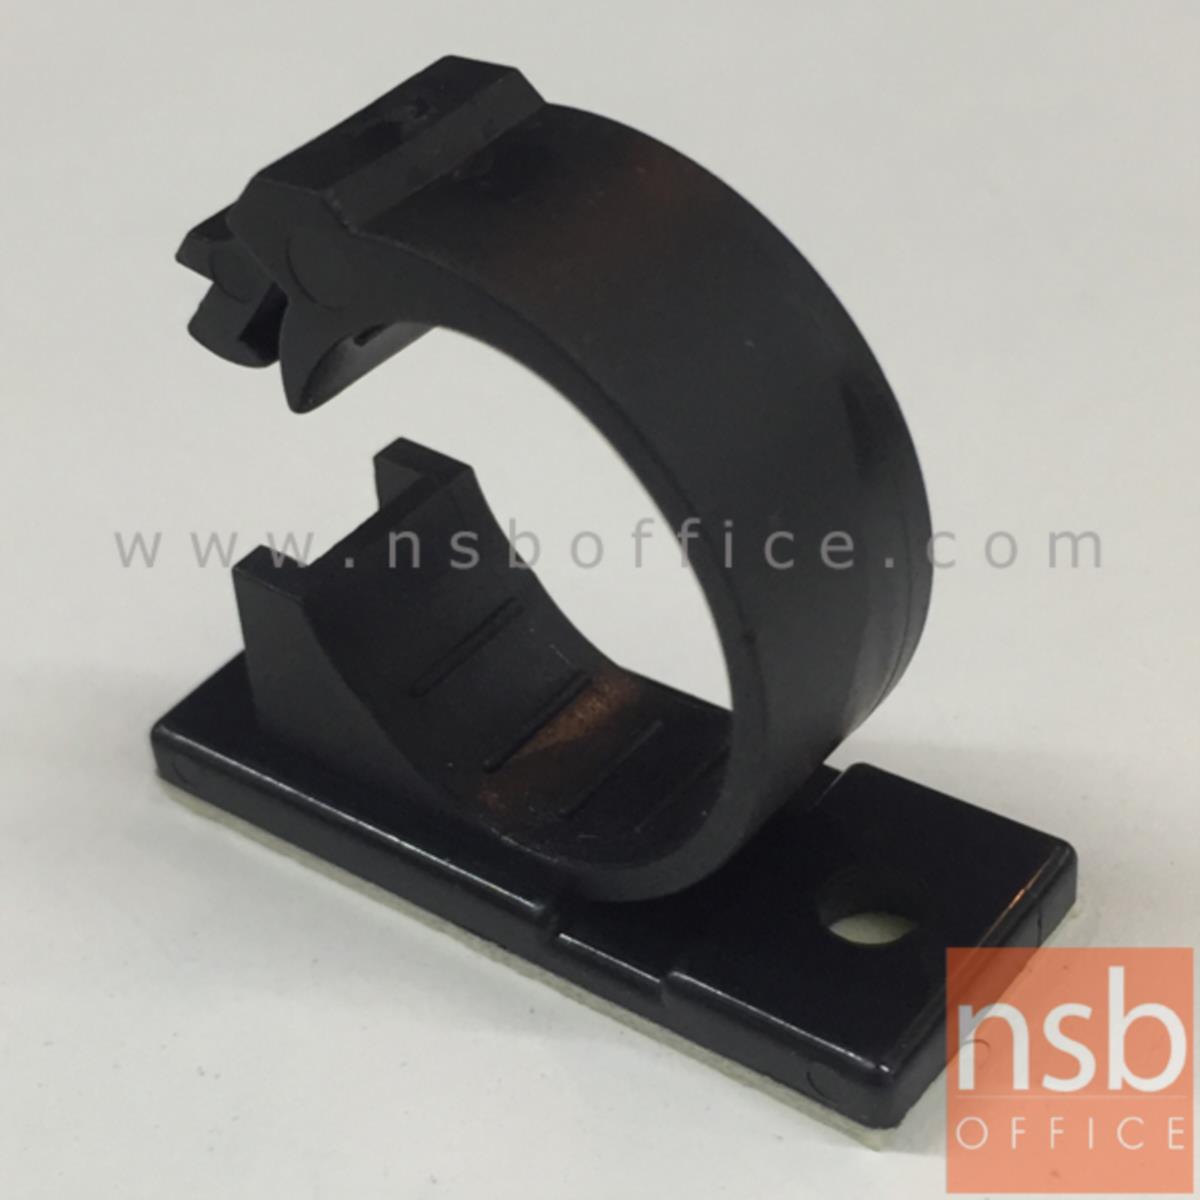 ตัวเก็บสายไฟสีดำ รุ่น NSB-12 ความจุ 2Di cm. แบบติดตั้งใต้โต๊ะ ชุดละ 6 อัน